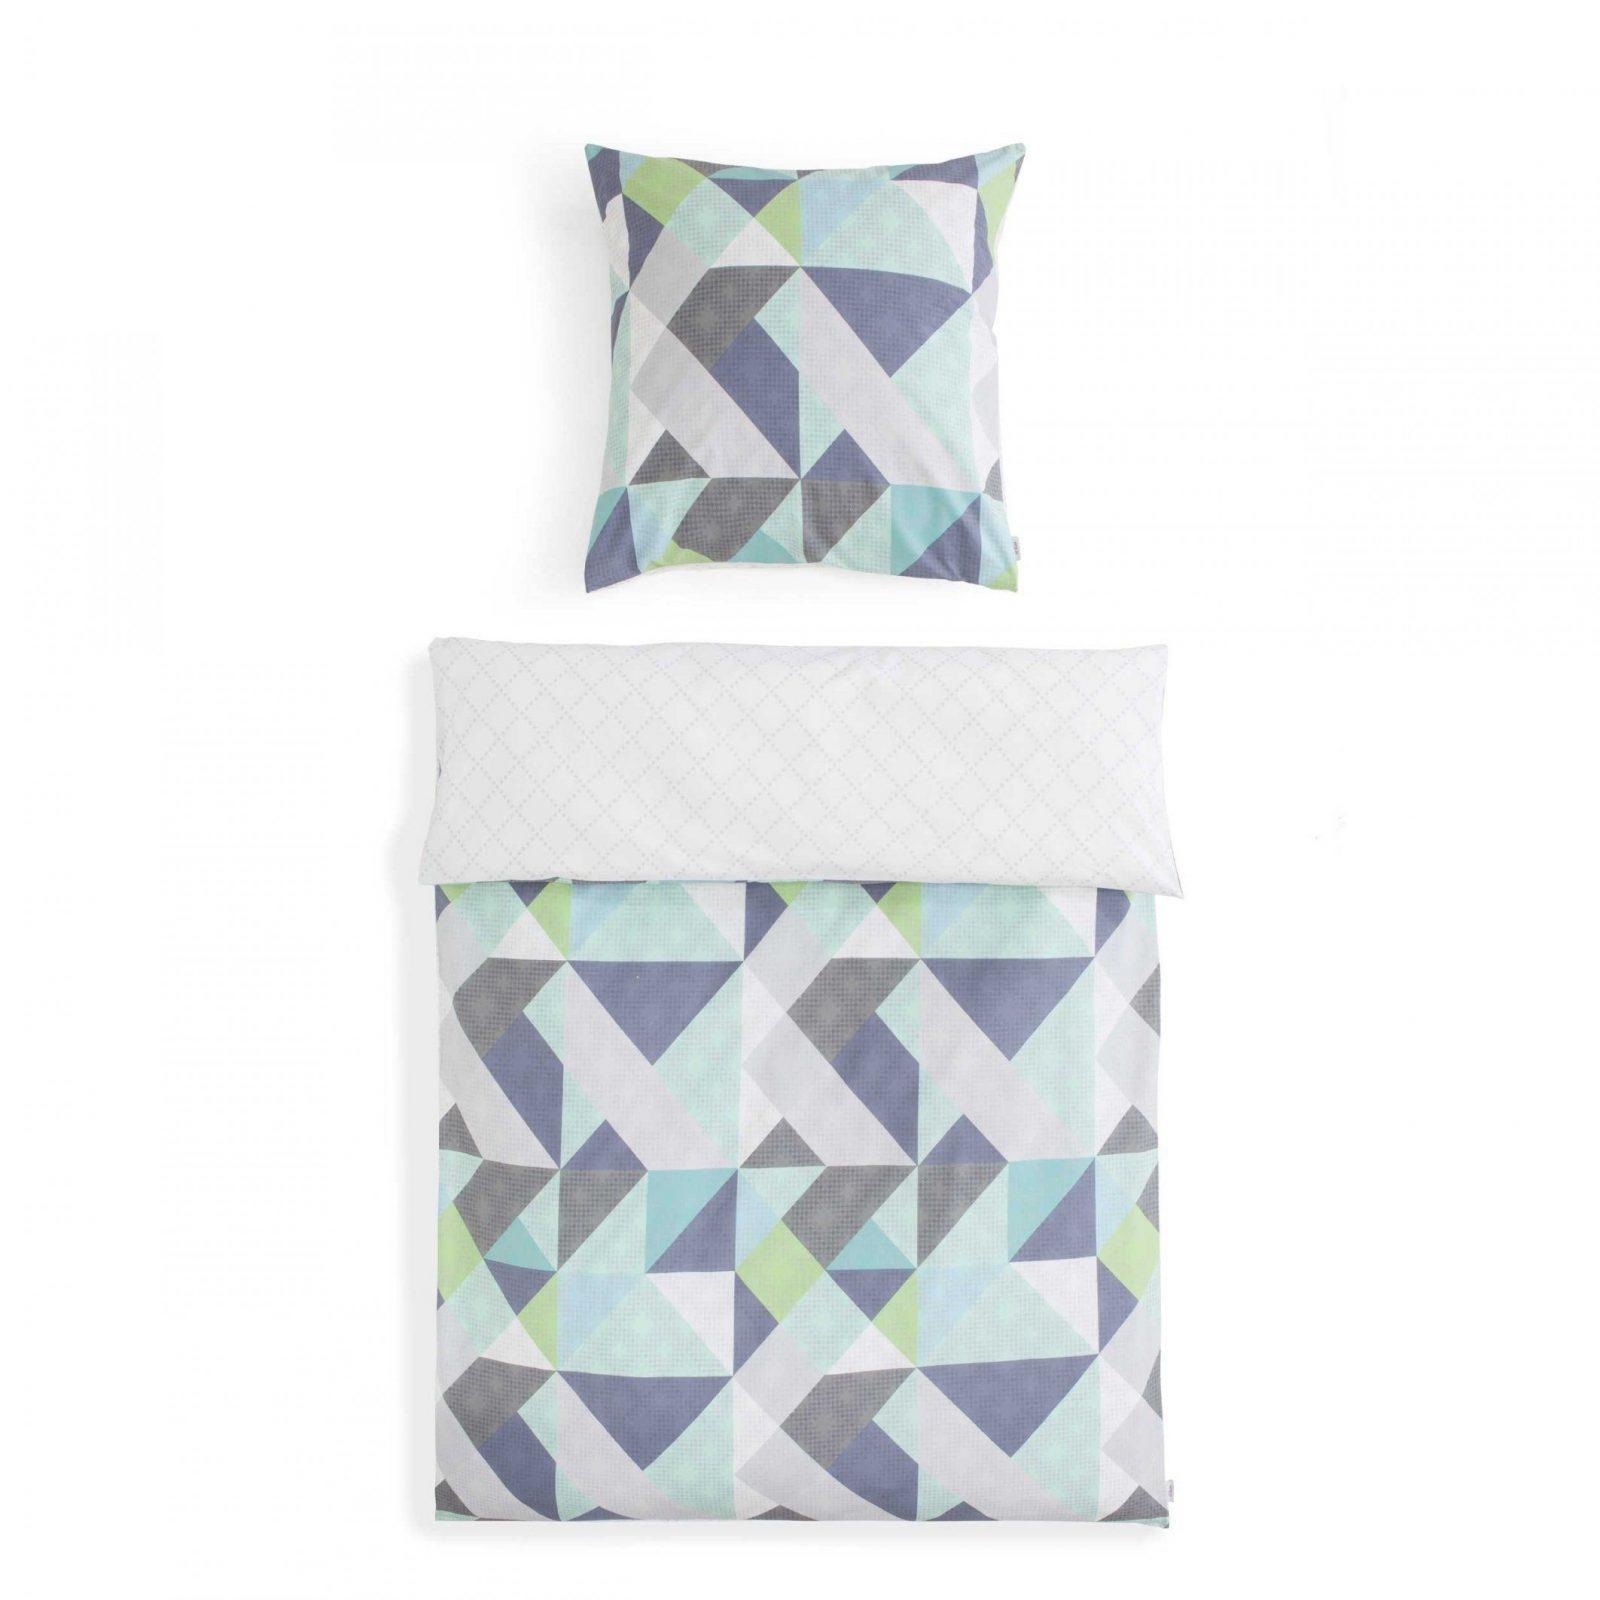 Moderne Bettwäsche Mit Geometrischem Muster Mint Grau Grün Blau von H&m Bettwäsche 155X220 Bild